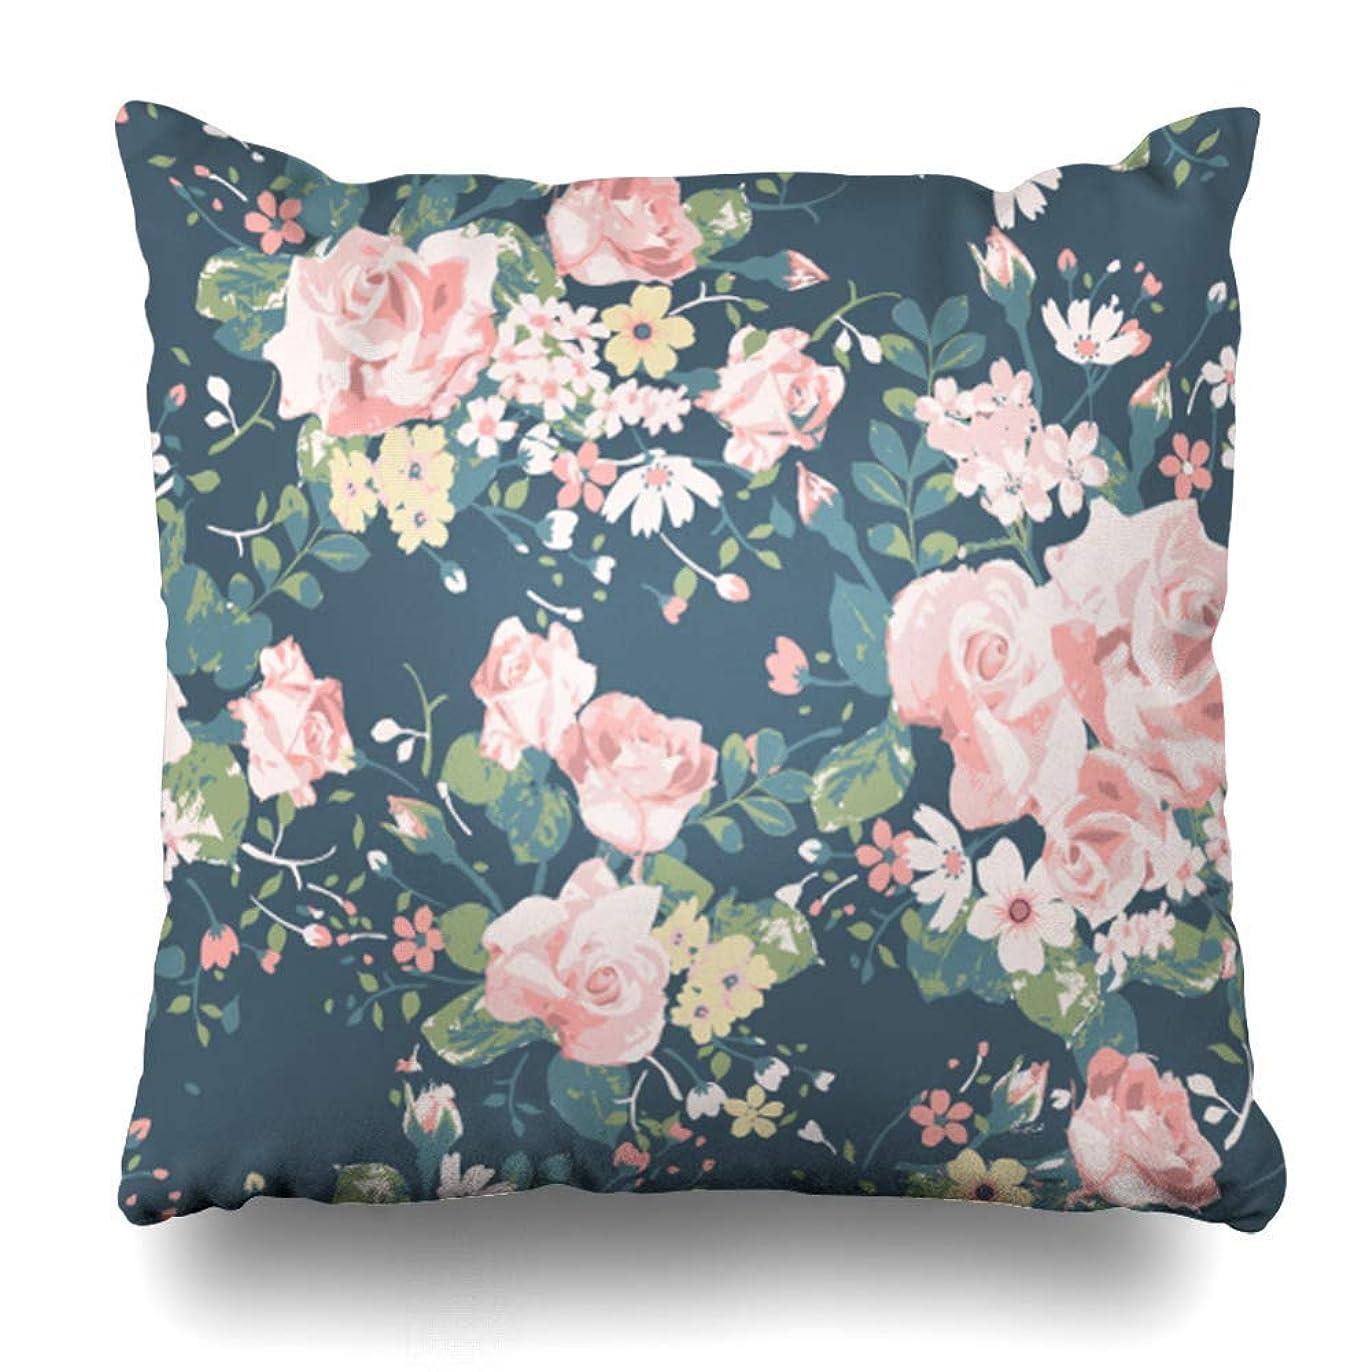 あたり暴露する兵士枕カバーを投げるネイビーグリーンの花に青い花柄ヴィンテージローズ柄かなりフェミニンな蝶抽象ジッパー付き枕スクエアサイズ45 x 45 cm家の装飾枕カバー